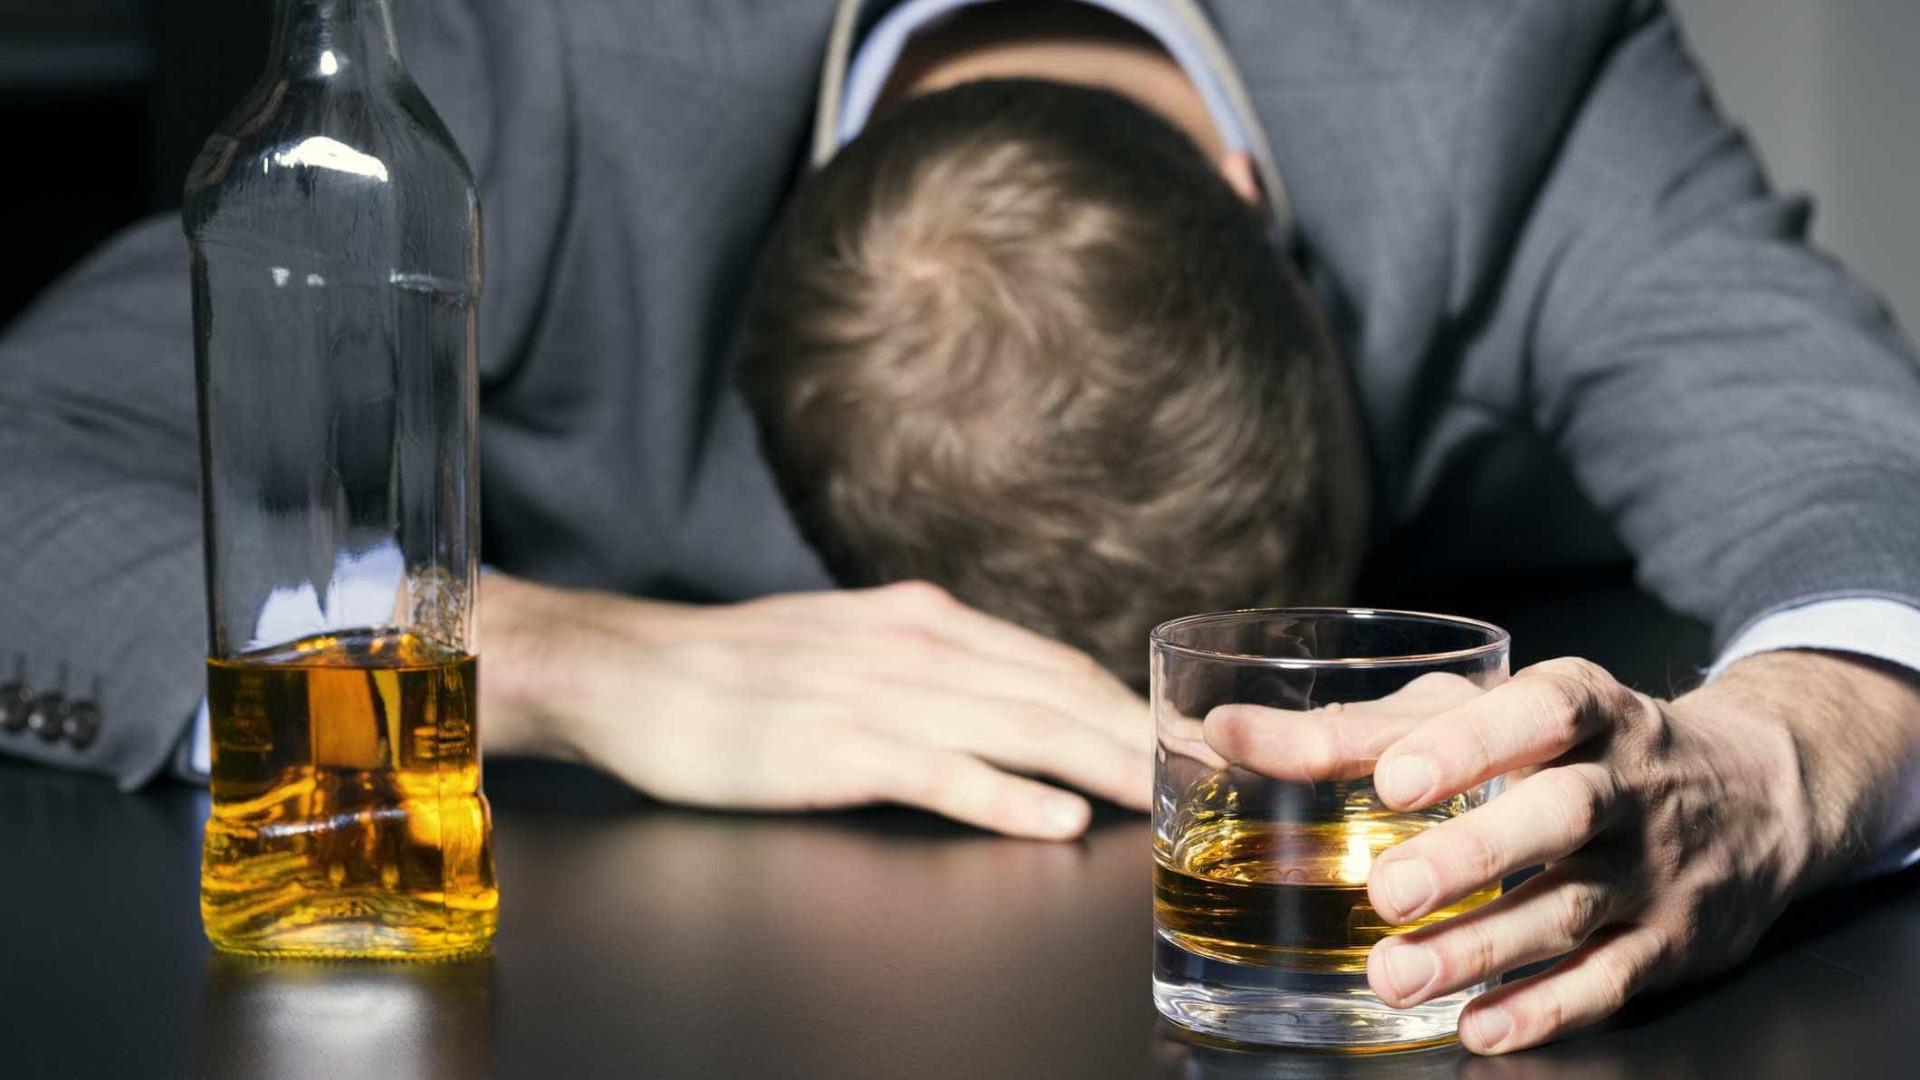 Há quatro tipos de pessoas que bebem álcool. Qual deles você é?